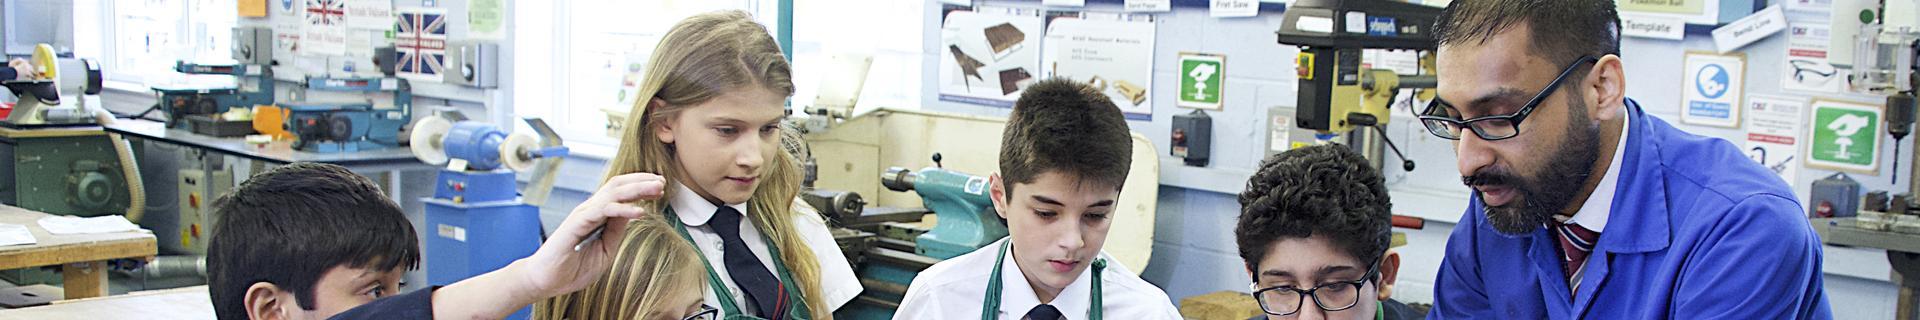 A teacher in a classroom of pupils